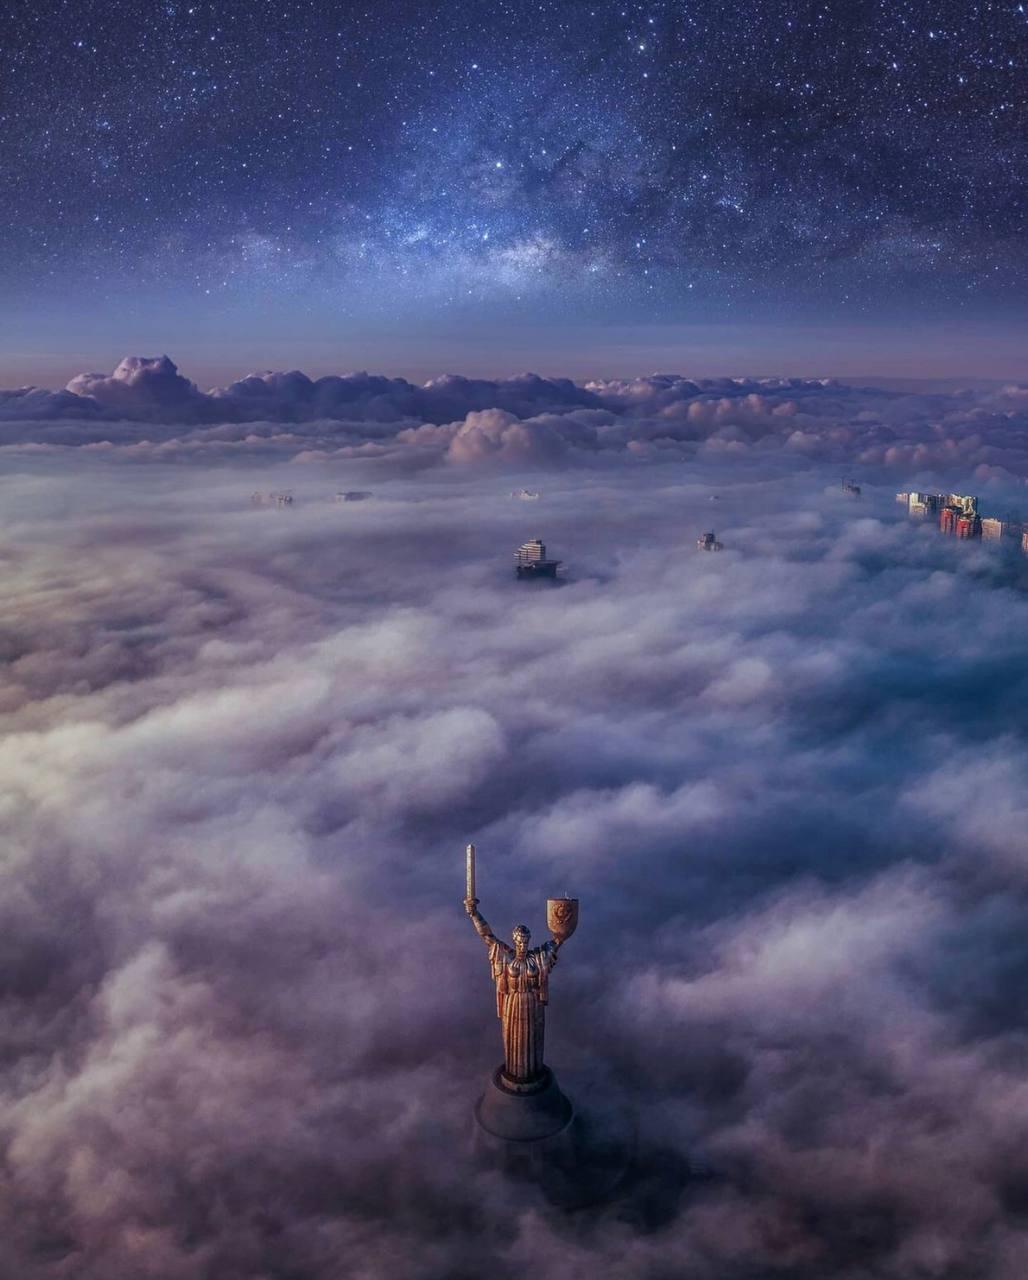 Завораживающие снимки непогоды от Брента Шевнора